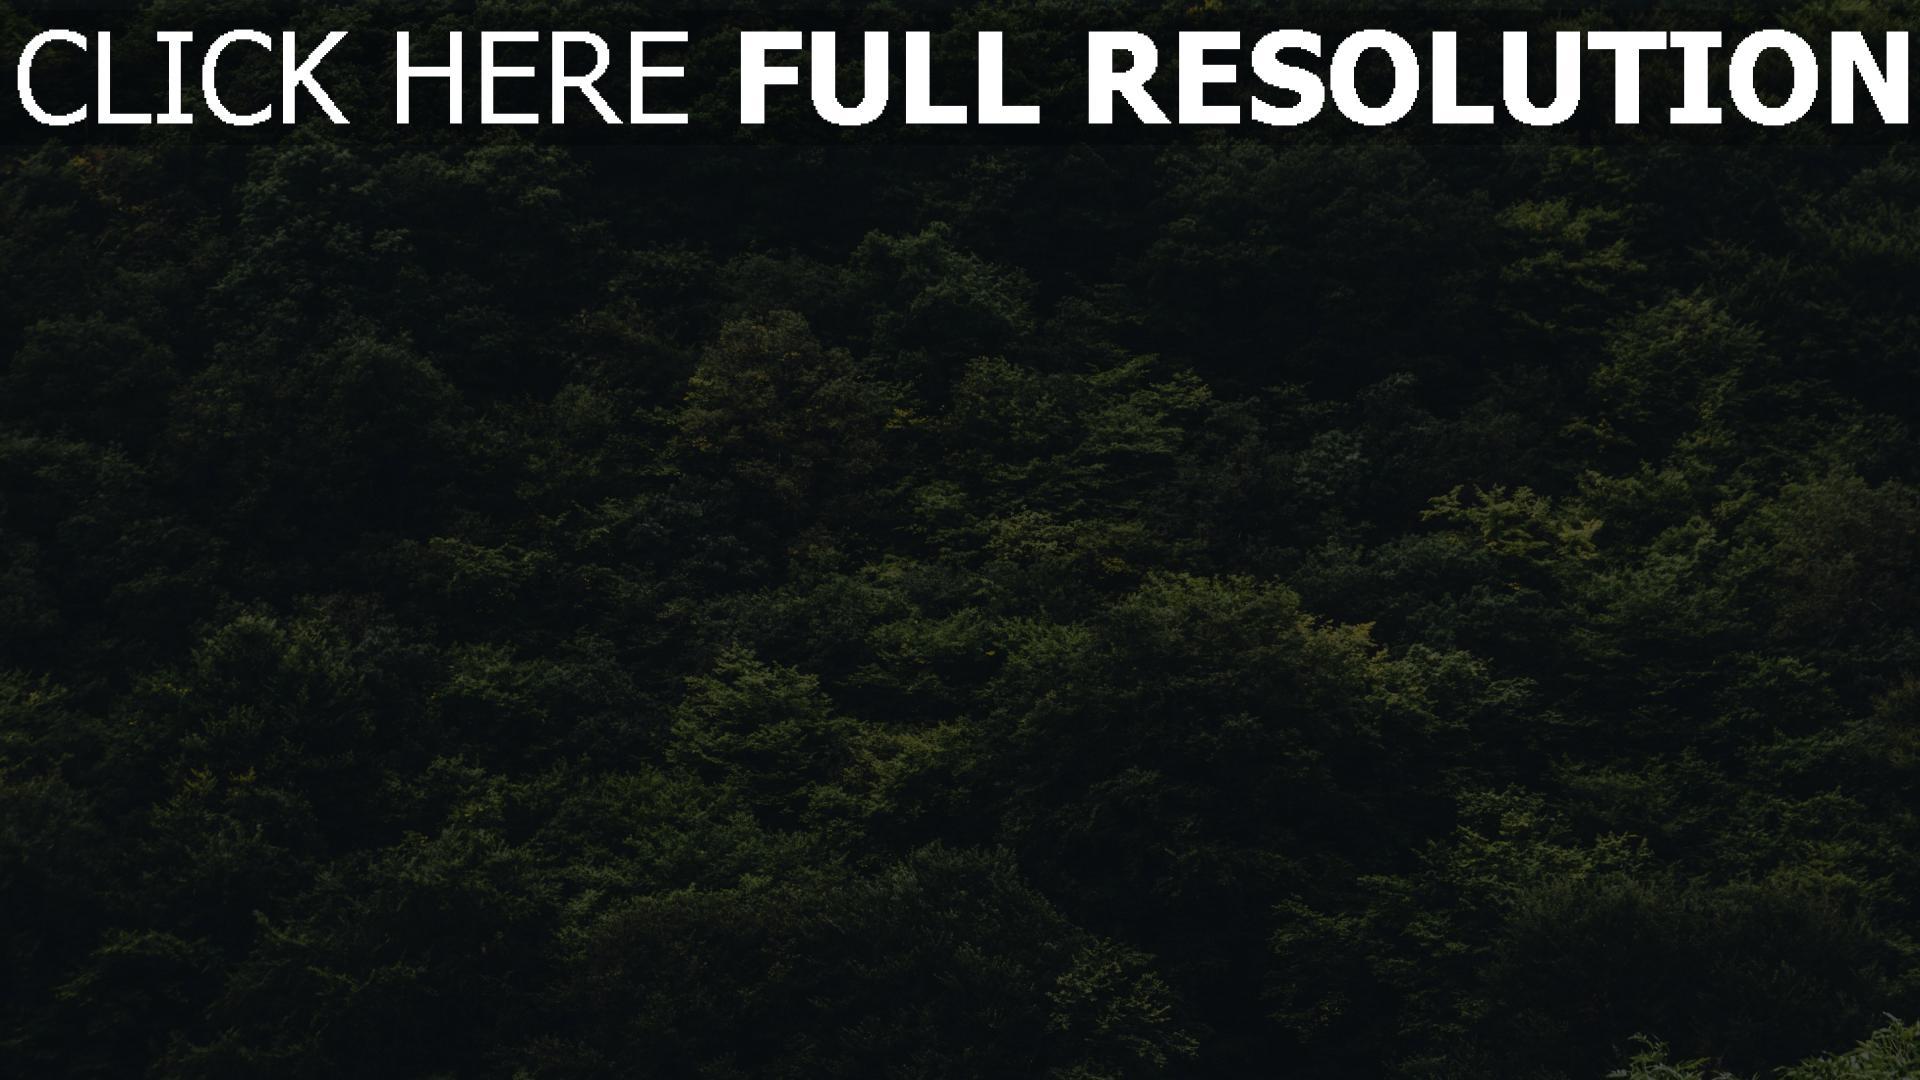 hd hintergrundbilder wald bäume ansicht von oben 1920x1080